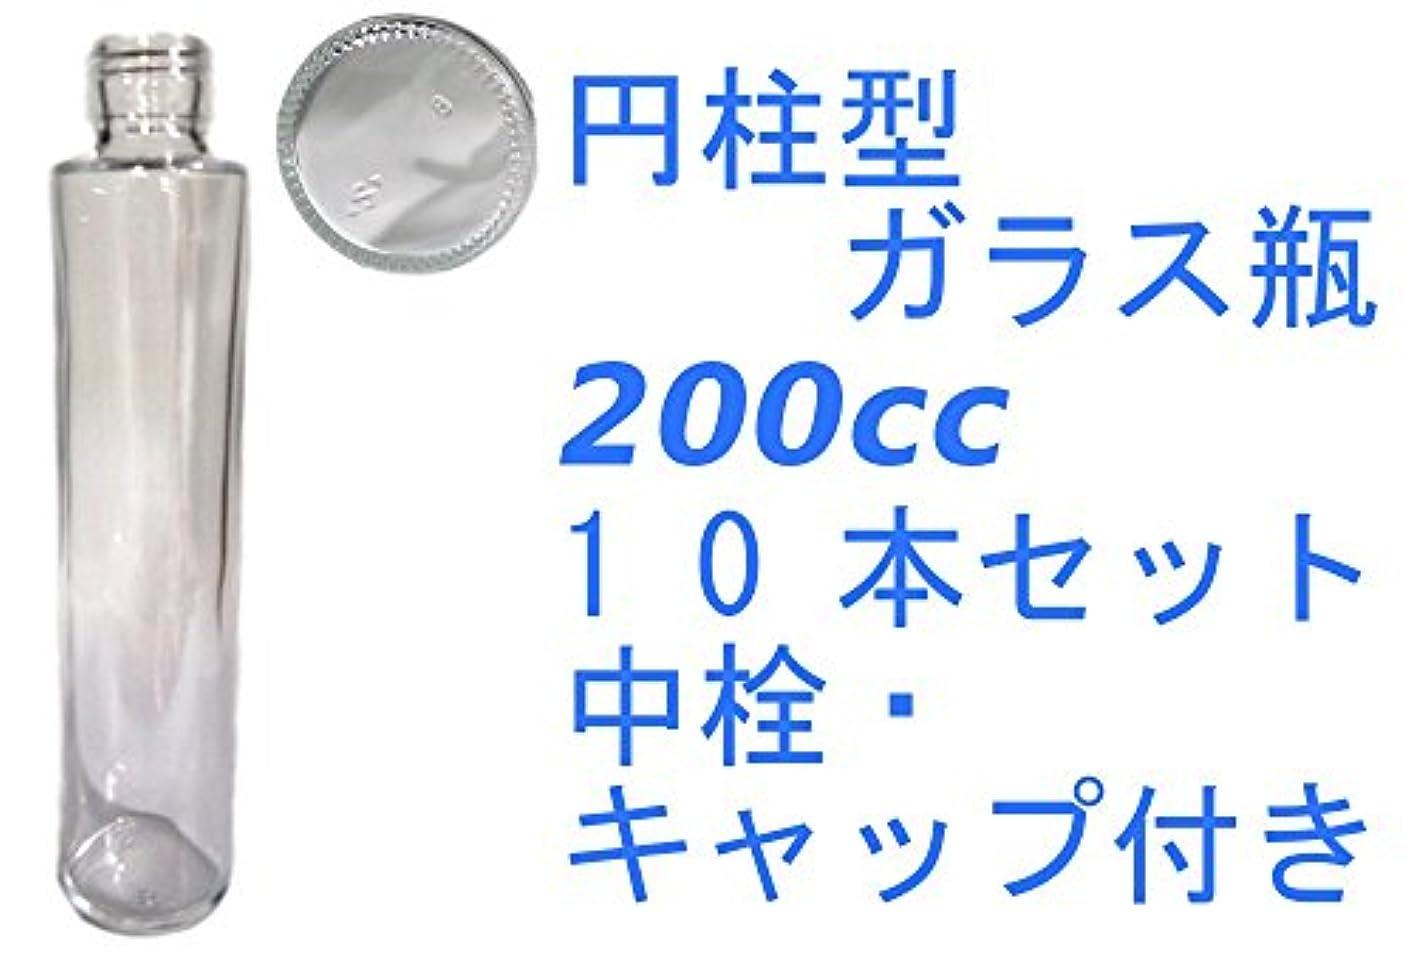 秀でる革新証明書(ジャストユーズ)JustU's 日本製 ポリ栓 中栓付き円柱型ガラス瓶 10本セット 200cc 200ml アロマディフューザー ハーバリウム 調味料 オイル タレ ドレッシング瓶 B10-SSS200A-A